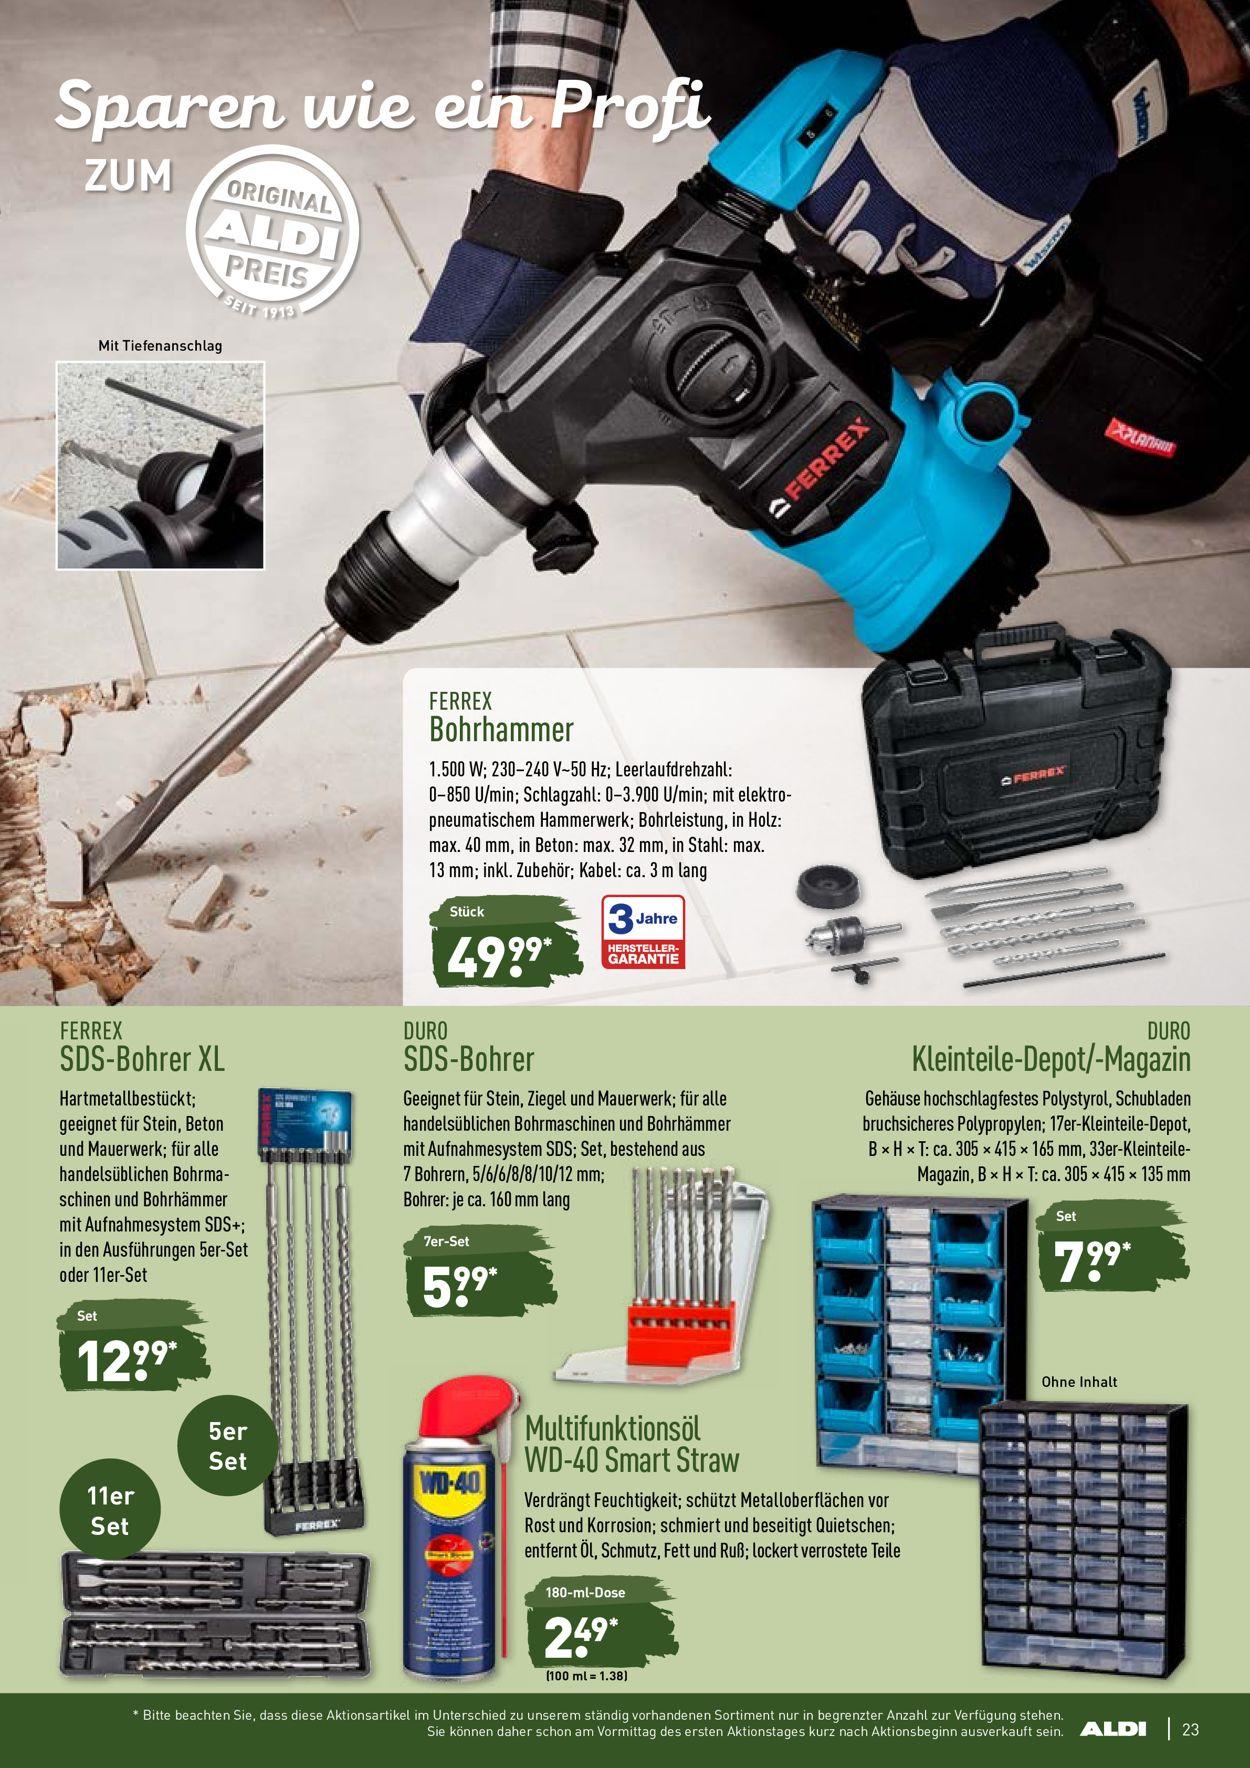 ferrex bohrhammer kaufen